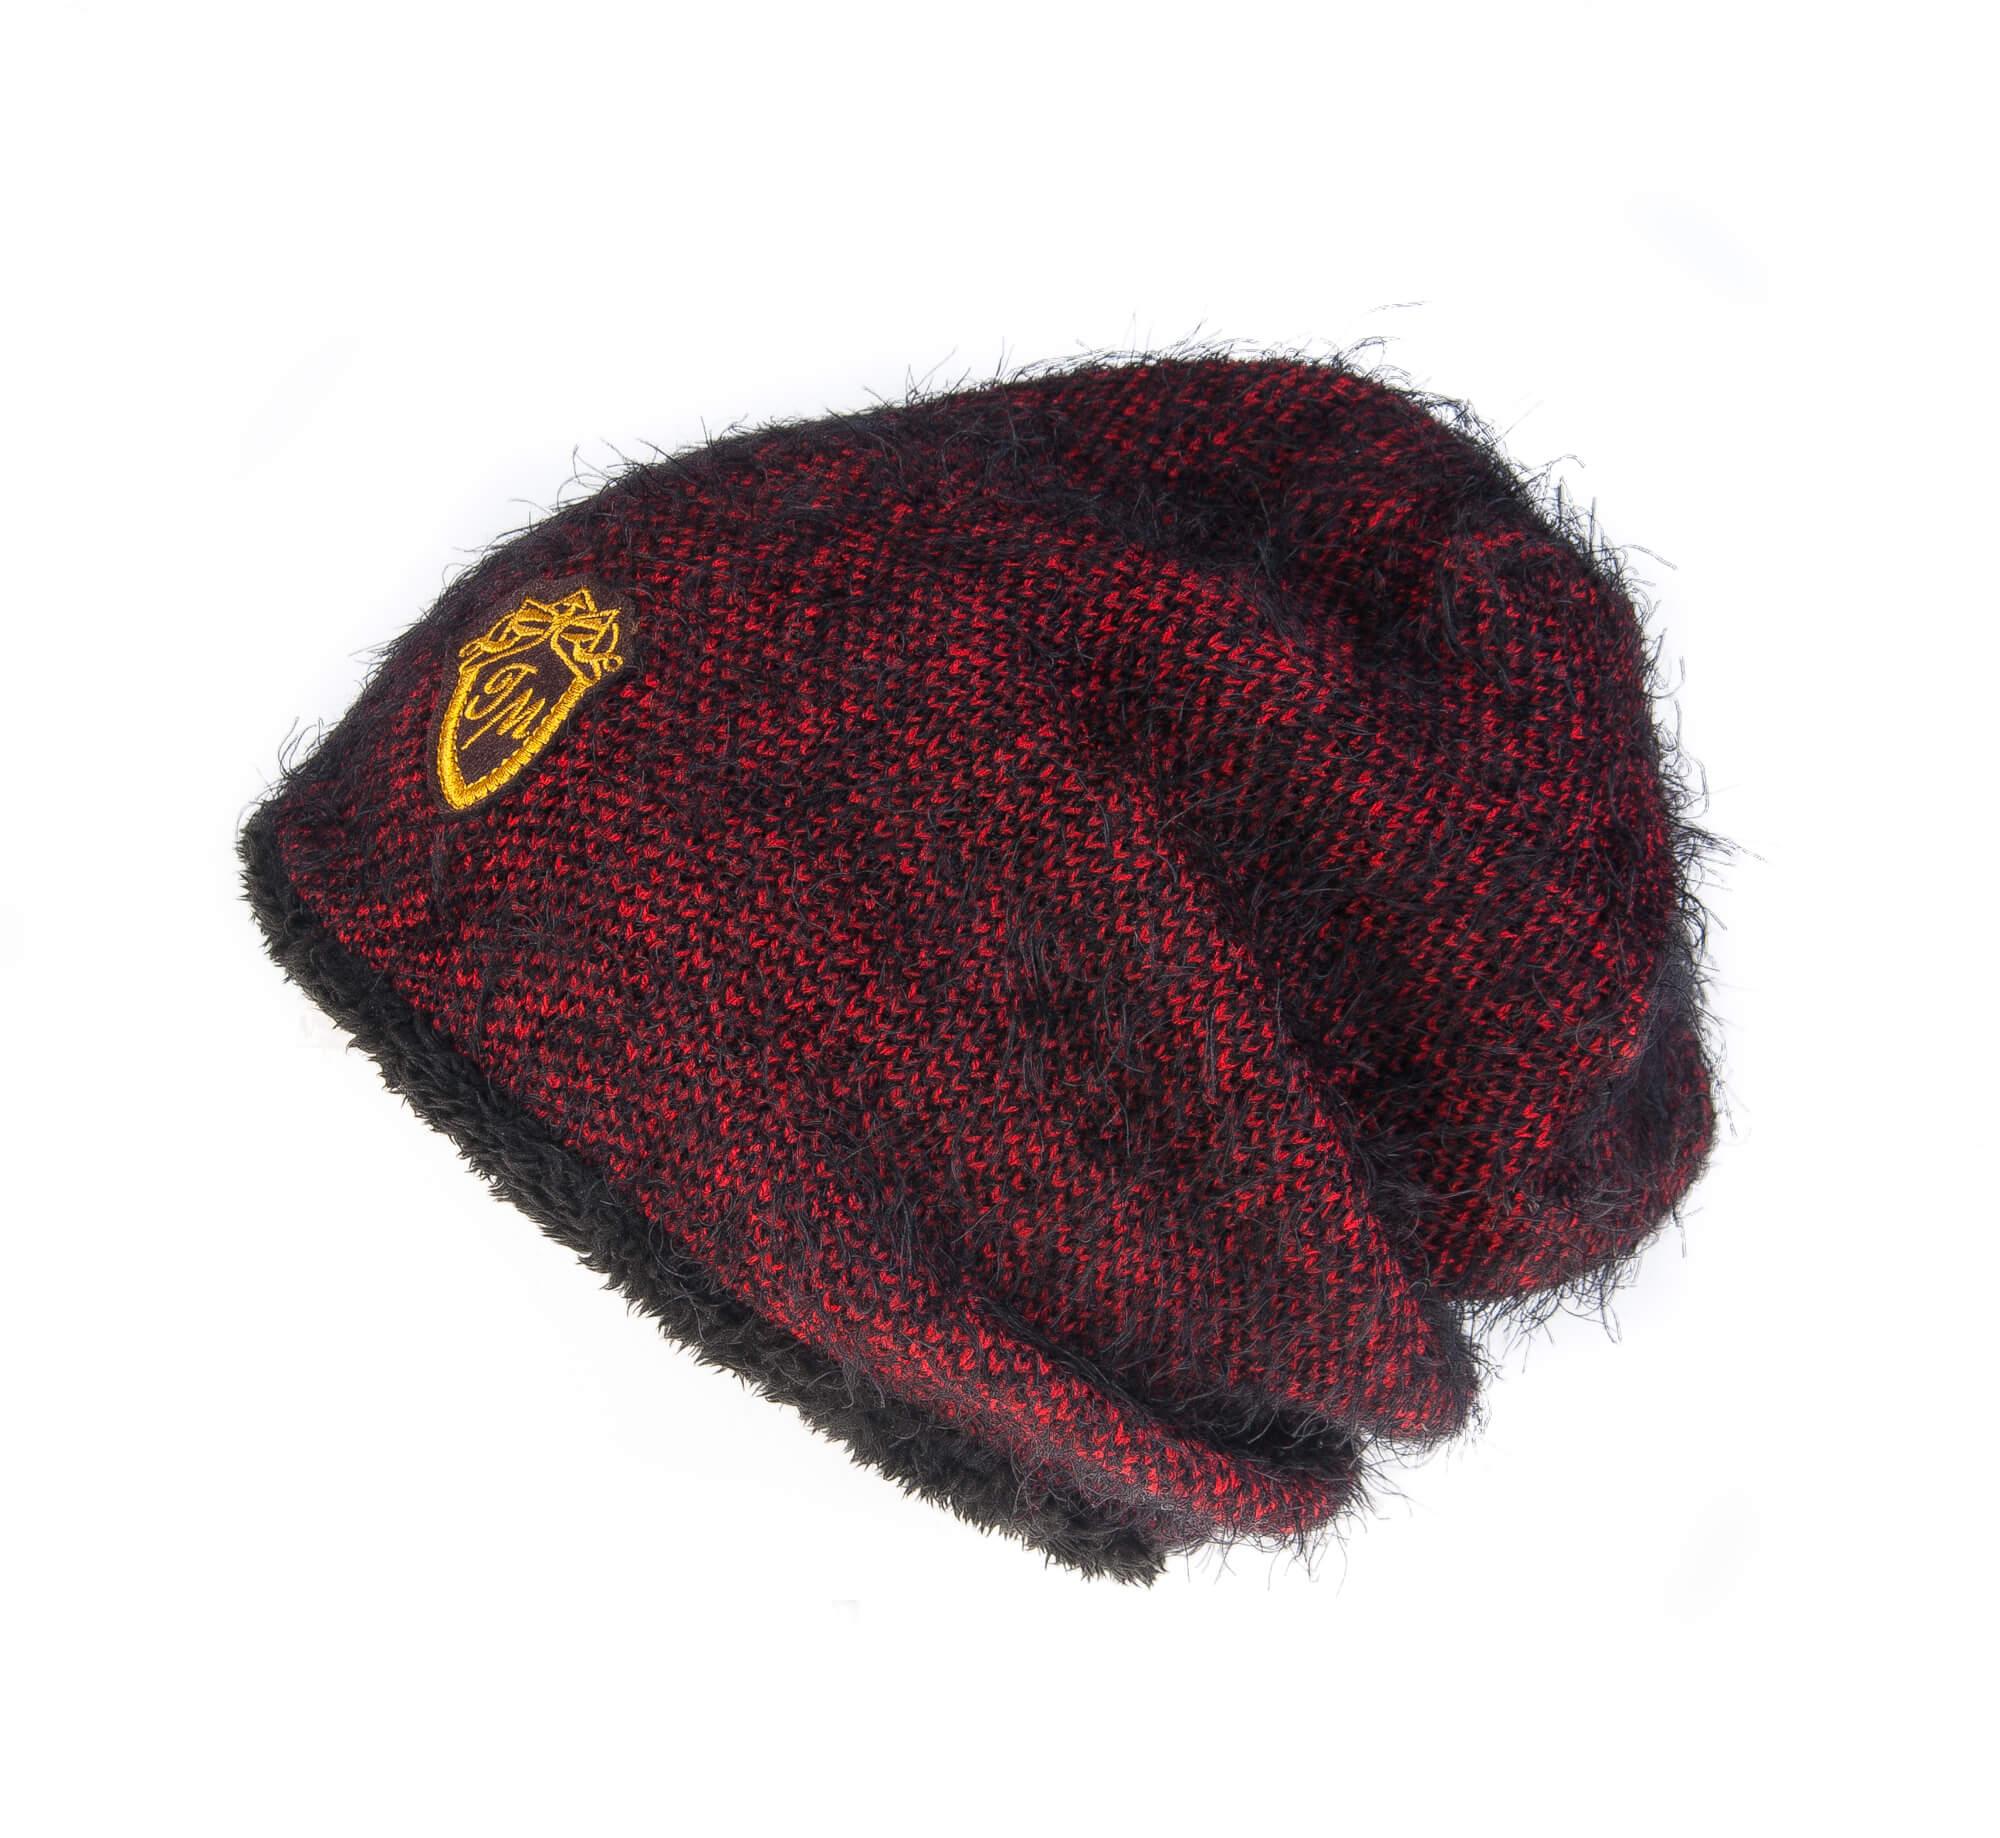 کلاه مردانه بافتنی JAMONT – پشمی HW1009